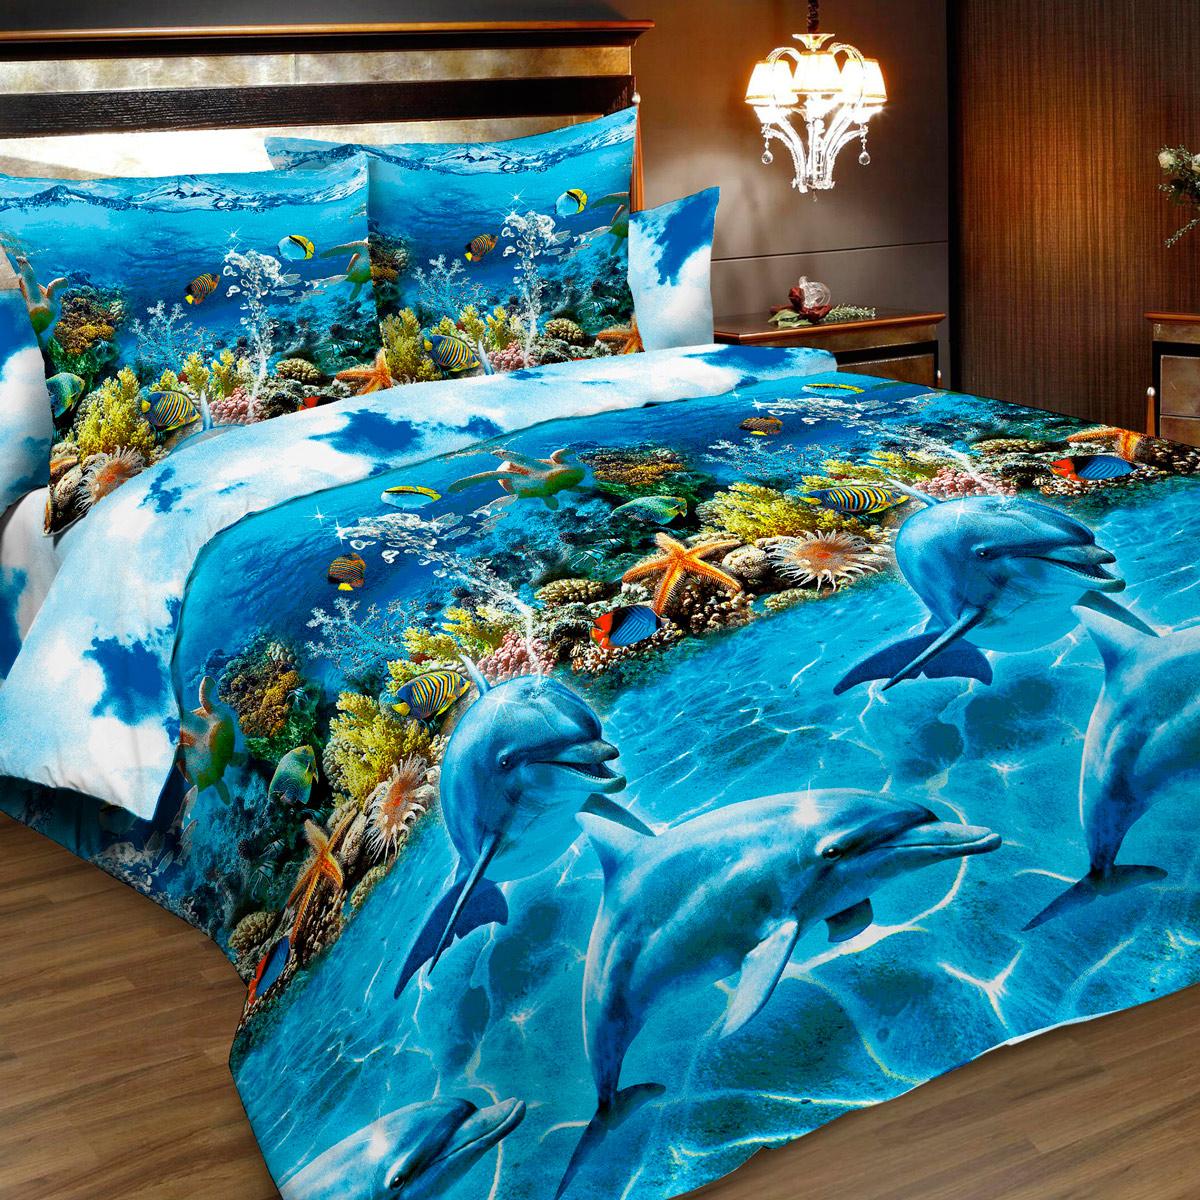 Комплект белья Letto, 2-спальный, наволочки 70х70, цвет: голубой, синий. B183-4 комплект белья letto семейный наволочки 70х70 цвет голубой синий b183 7